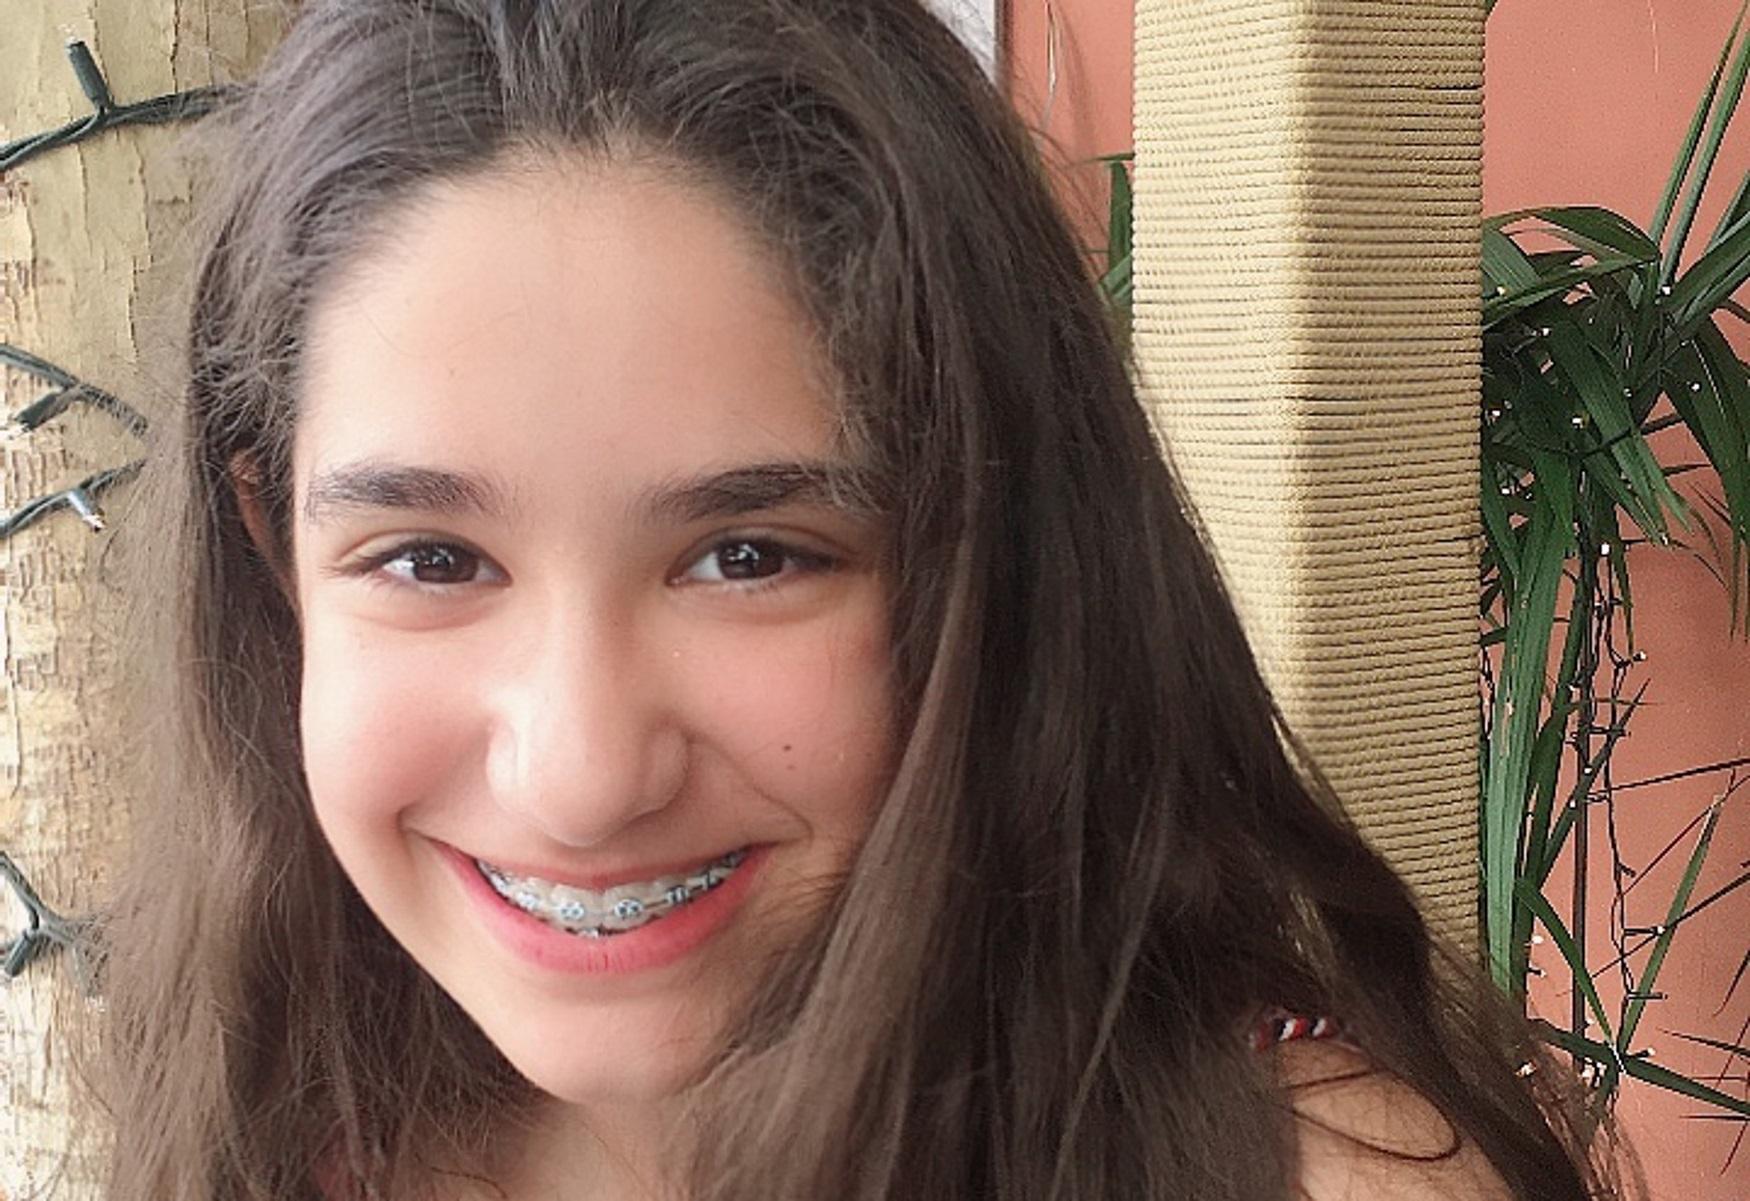 Μαρίτα Δατσέρη: Η 13χρονη νικήτρια του Παγκόσμιου Διαγωνισμού Λογοτεχνίας